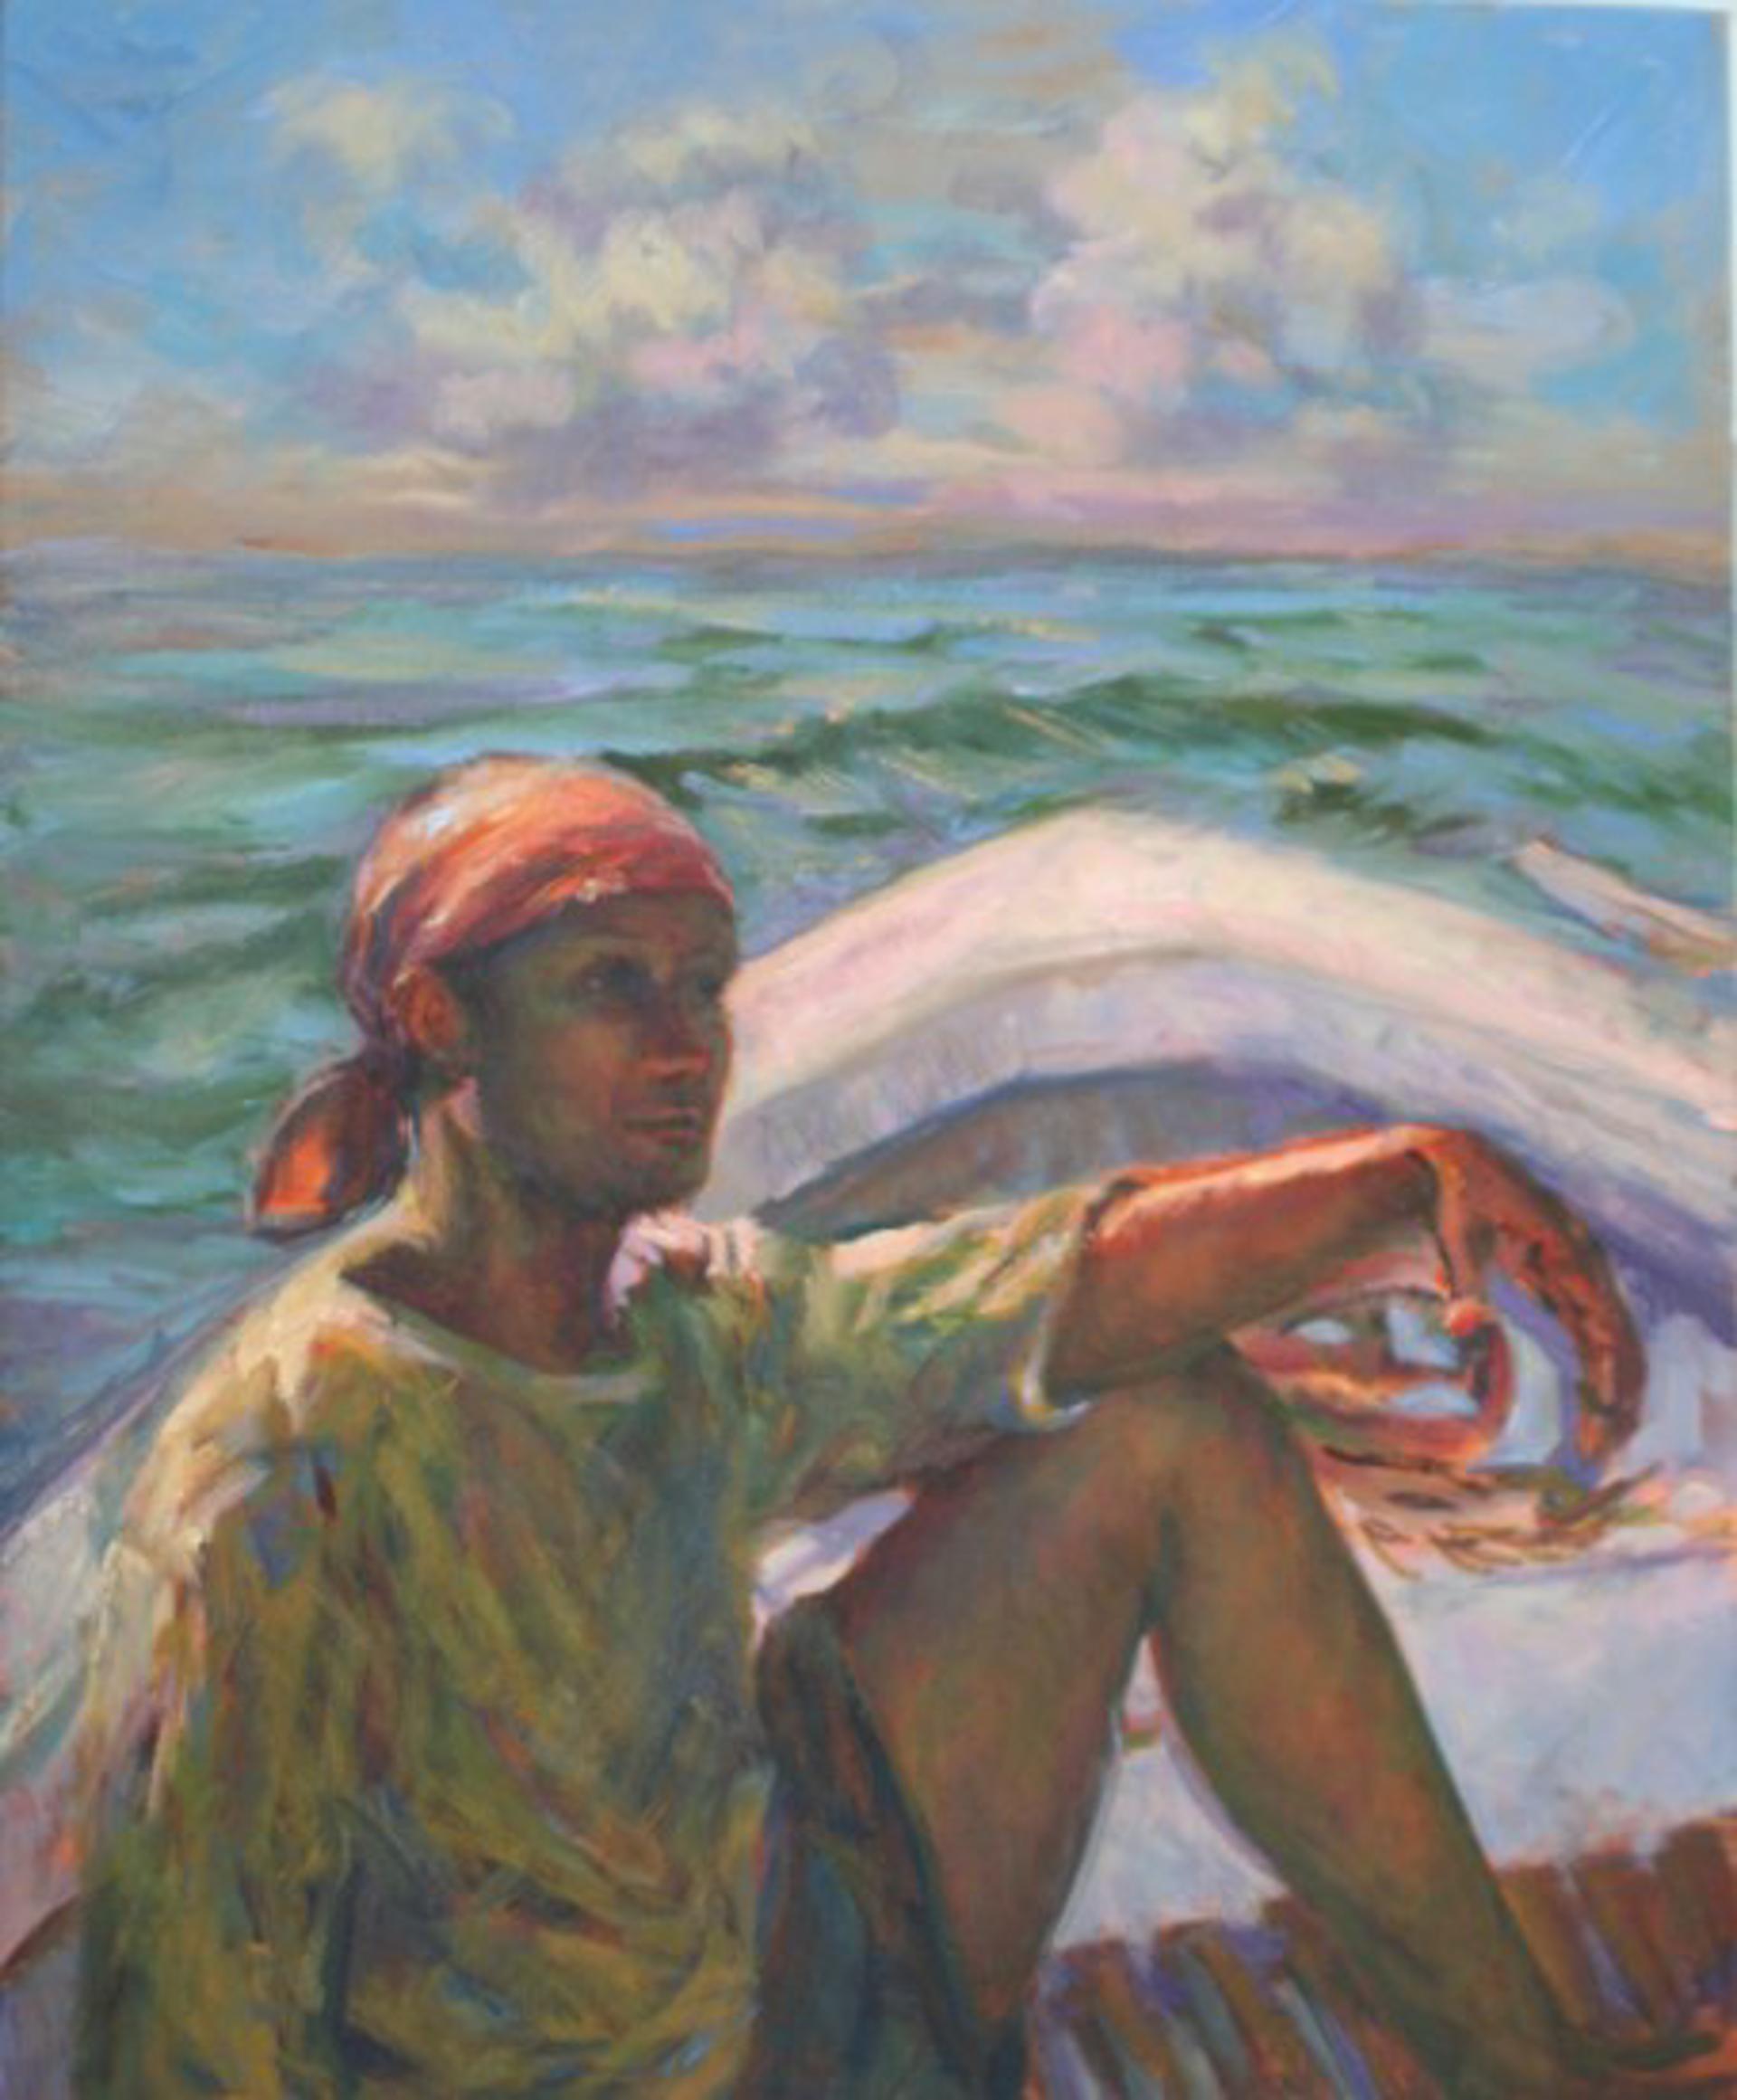 At Sea by Beth McLean